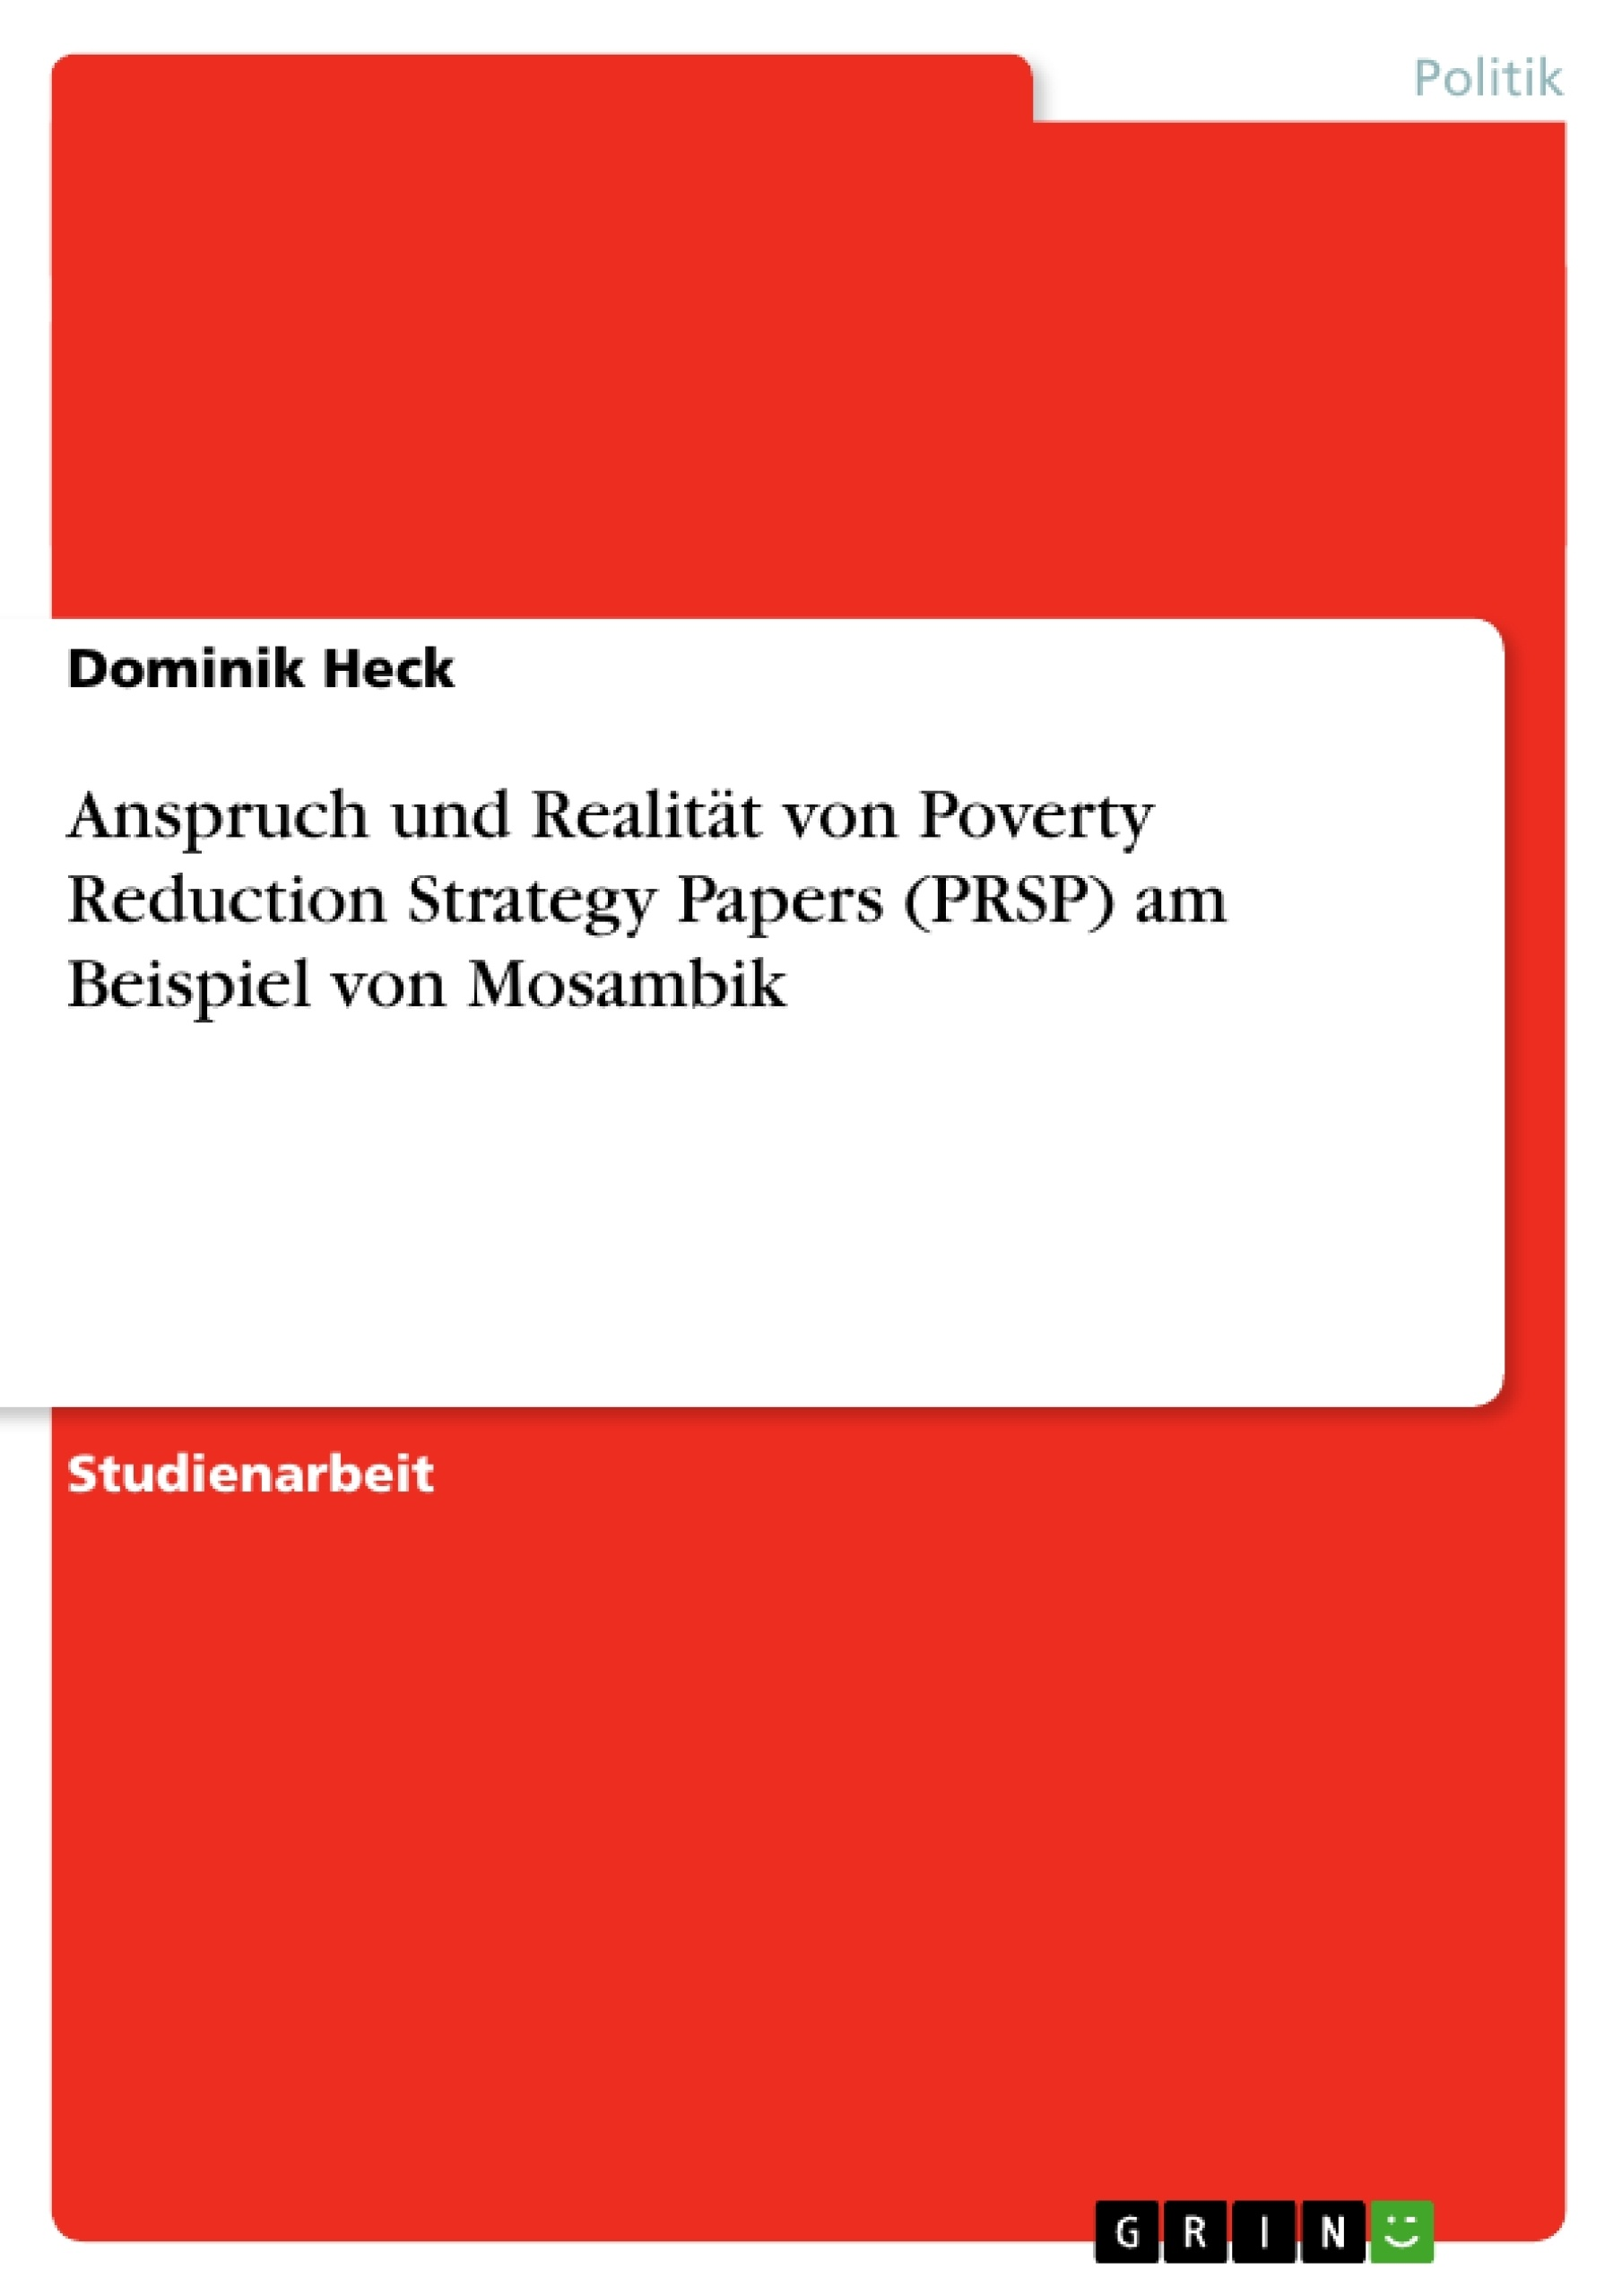 Titel: Anspruch und Realität von Poverty Reduction Strategy Papers (PRSP) am Beispiel von Mosambik